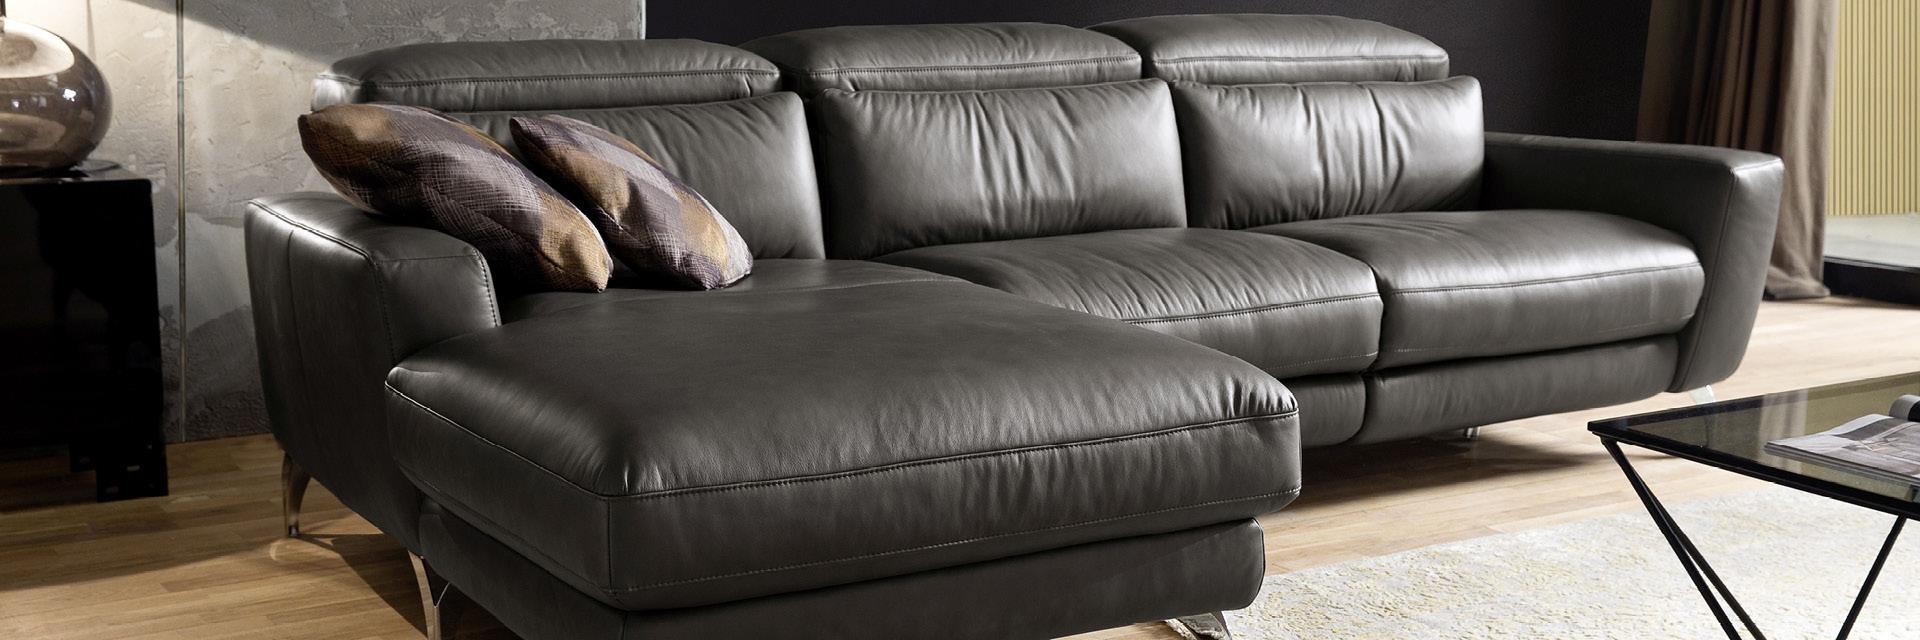 Full Size of 3er Sofa Leder Cognac Ledersofa Kaufen Braun Schwarz Pflege Chesterfield Big Couch Design Set Damit Das Auf Ewig Schn Bleibt Unsere Tipps Fr Die Altes Mit Sofa Leder Sofa